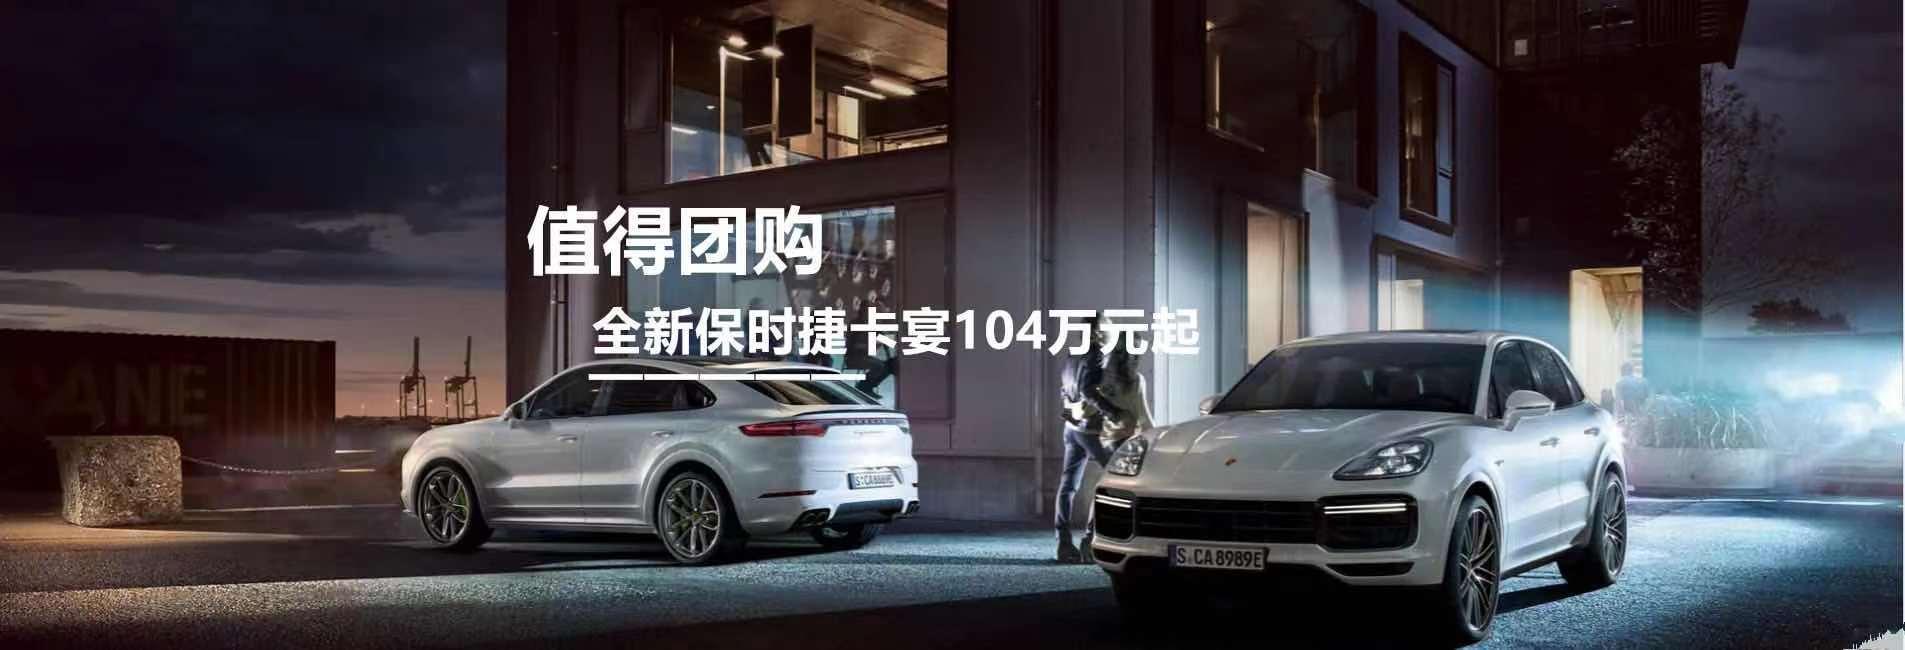 上海道星贸易有限公司